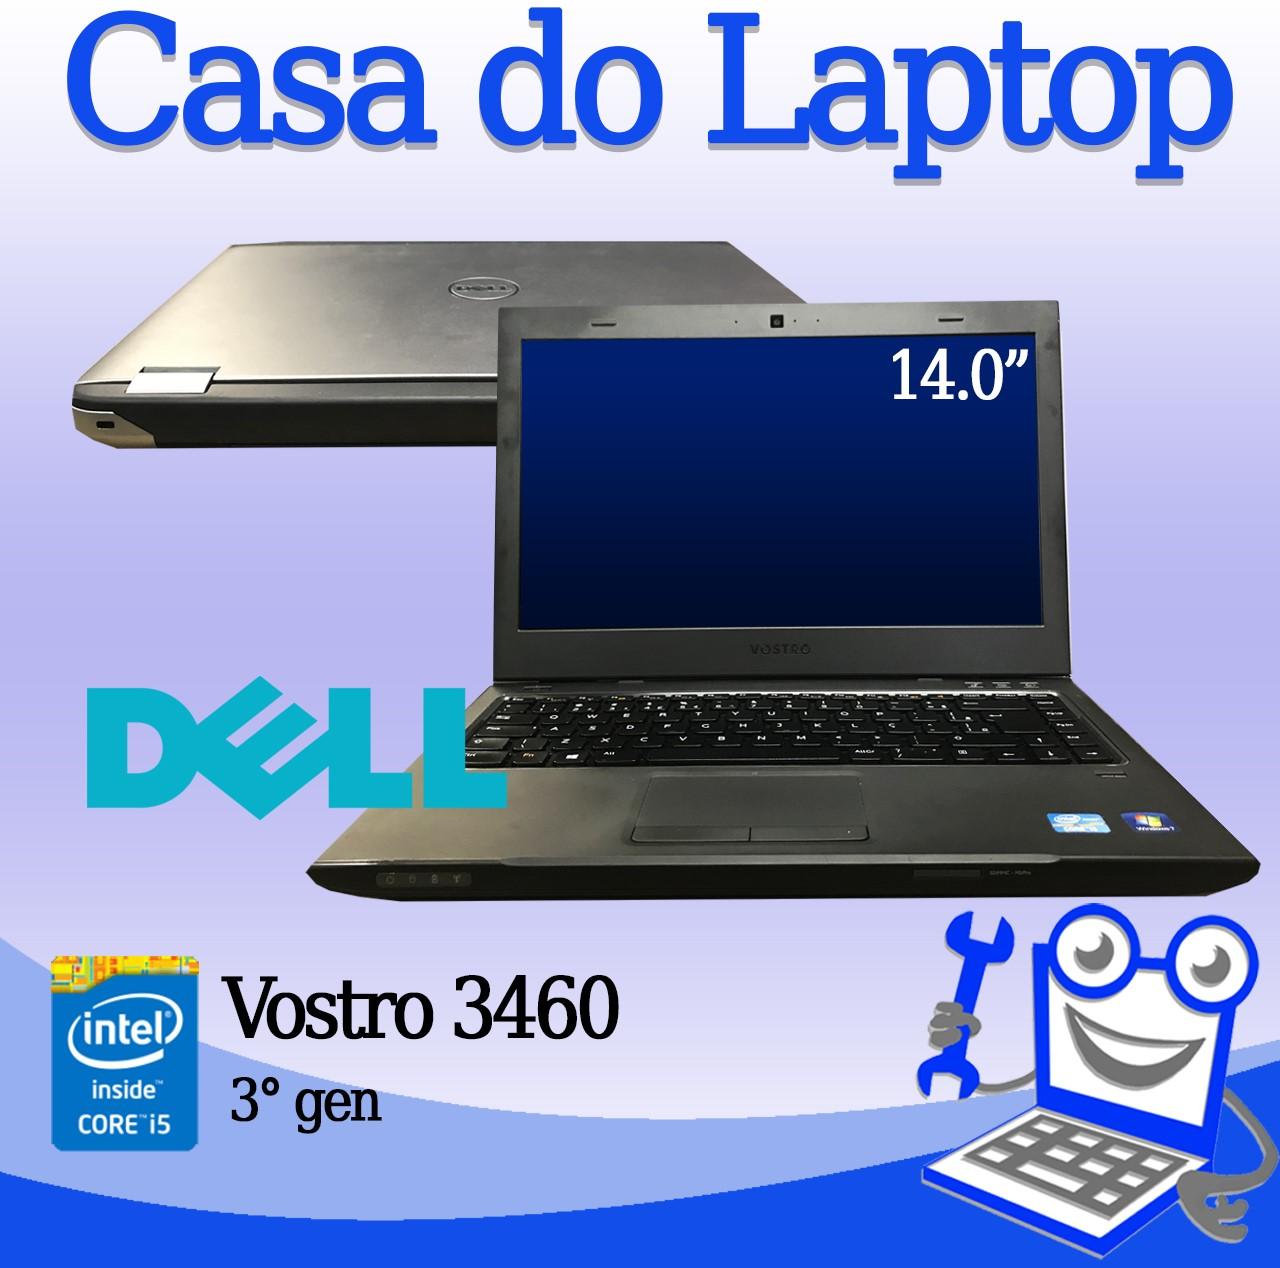 Laptop Dell Vostro 3460 Intel i5 de 3a. Geração 4GB  de memória RAM e 750GB de Disco